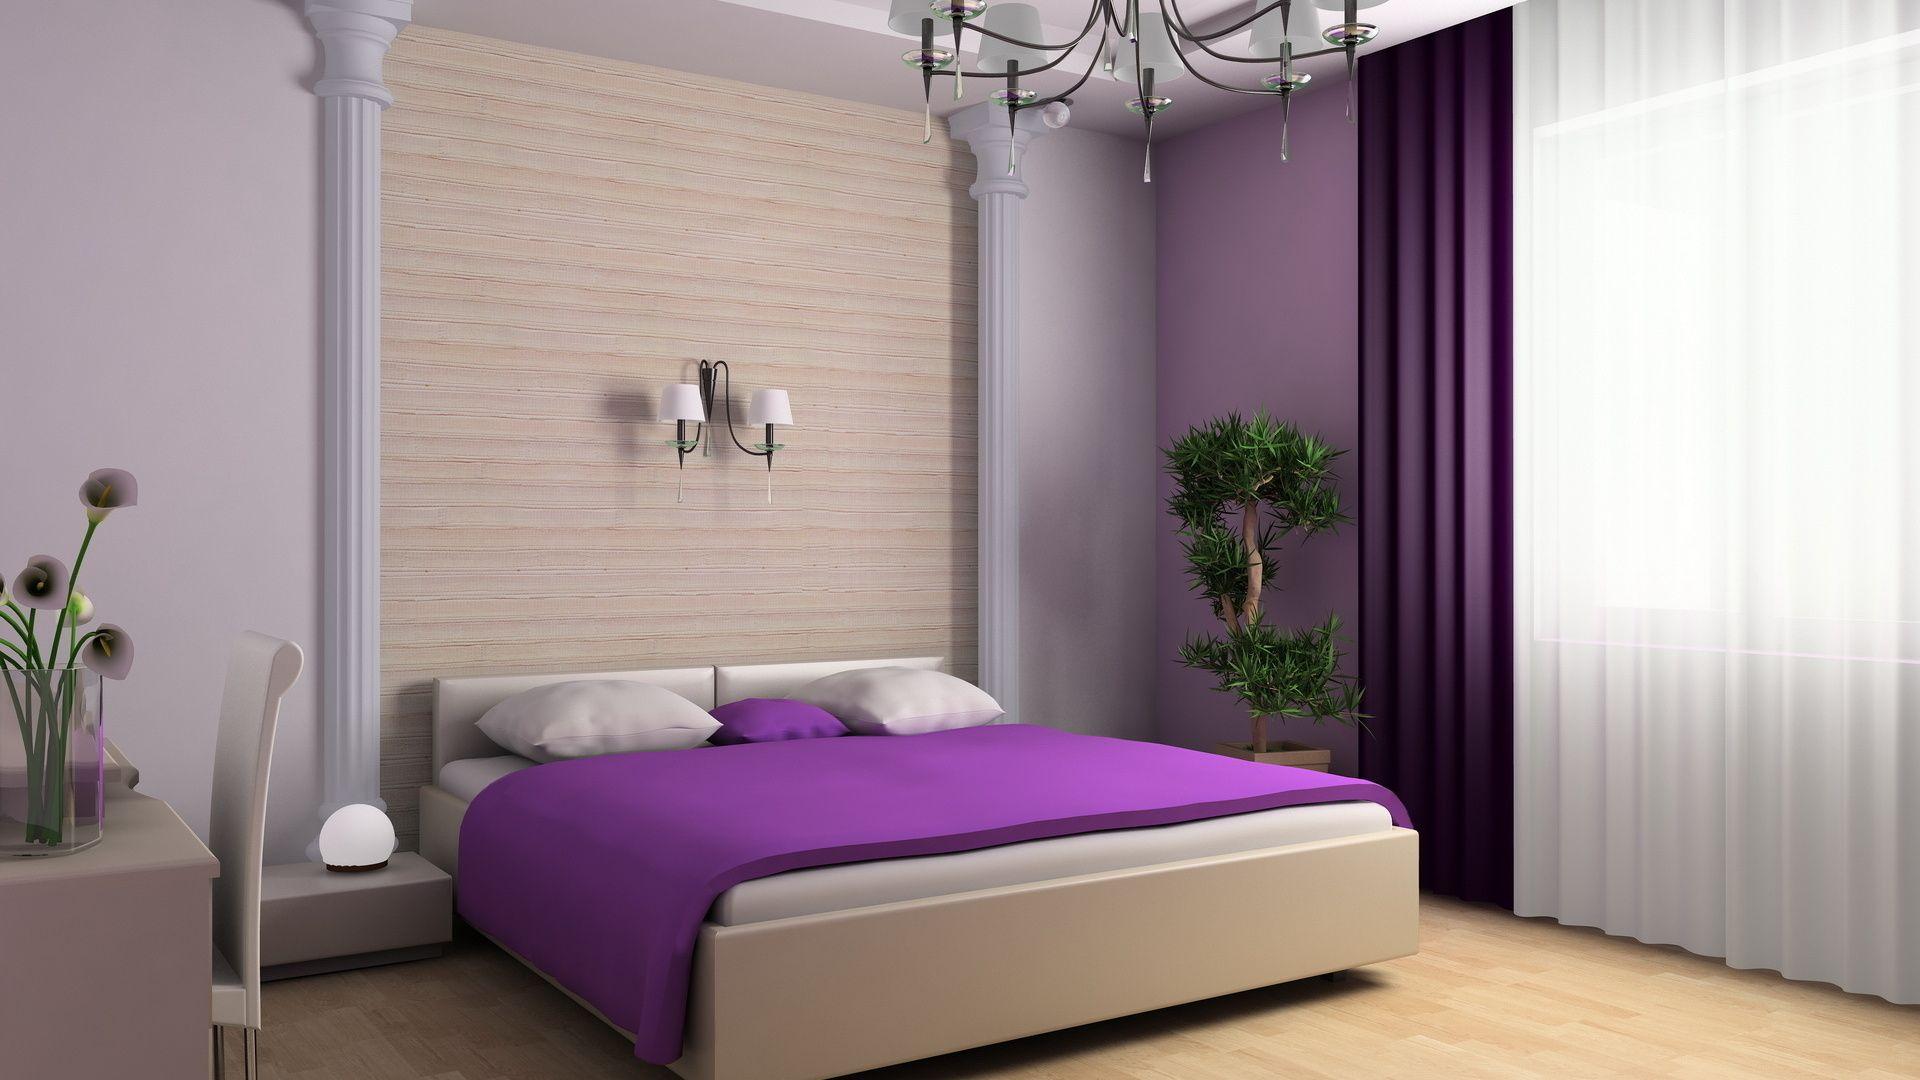 Фиолетовое покрывало на кровати